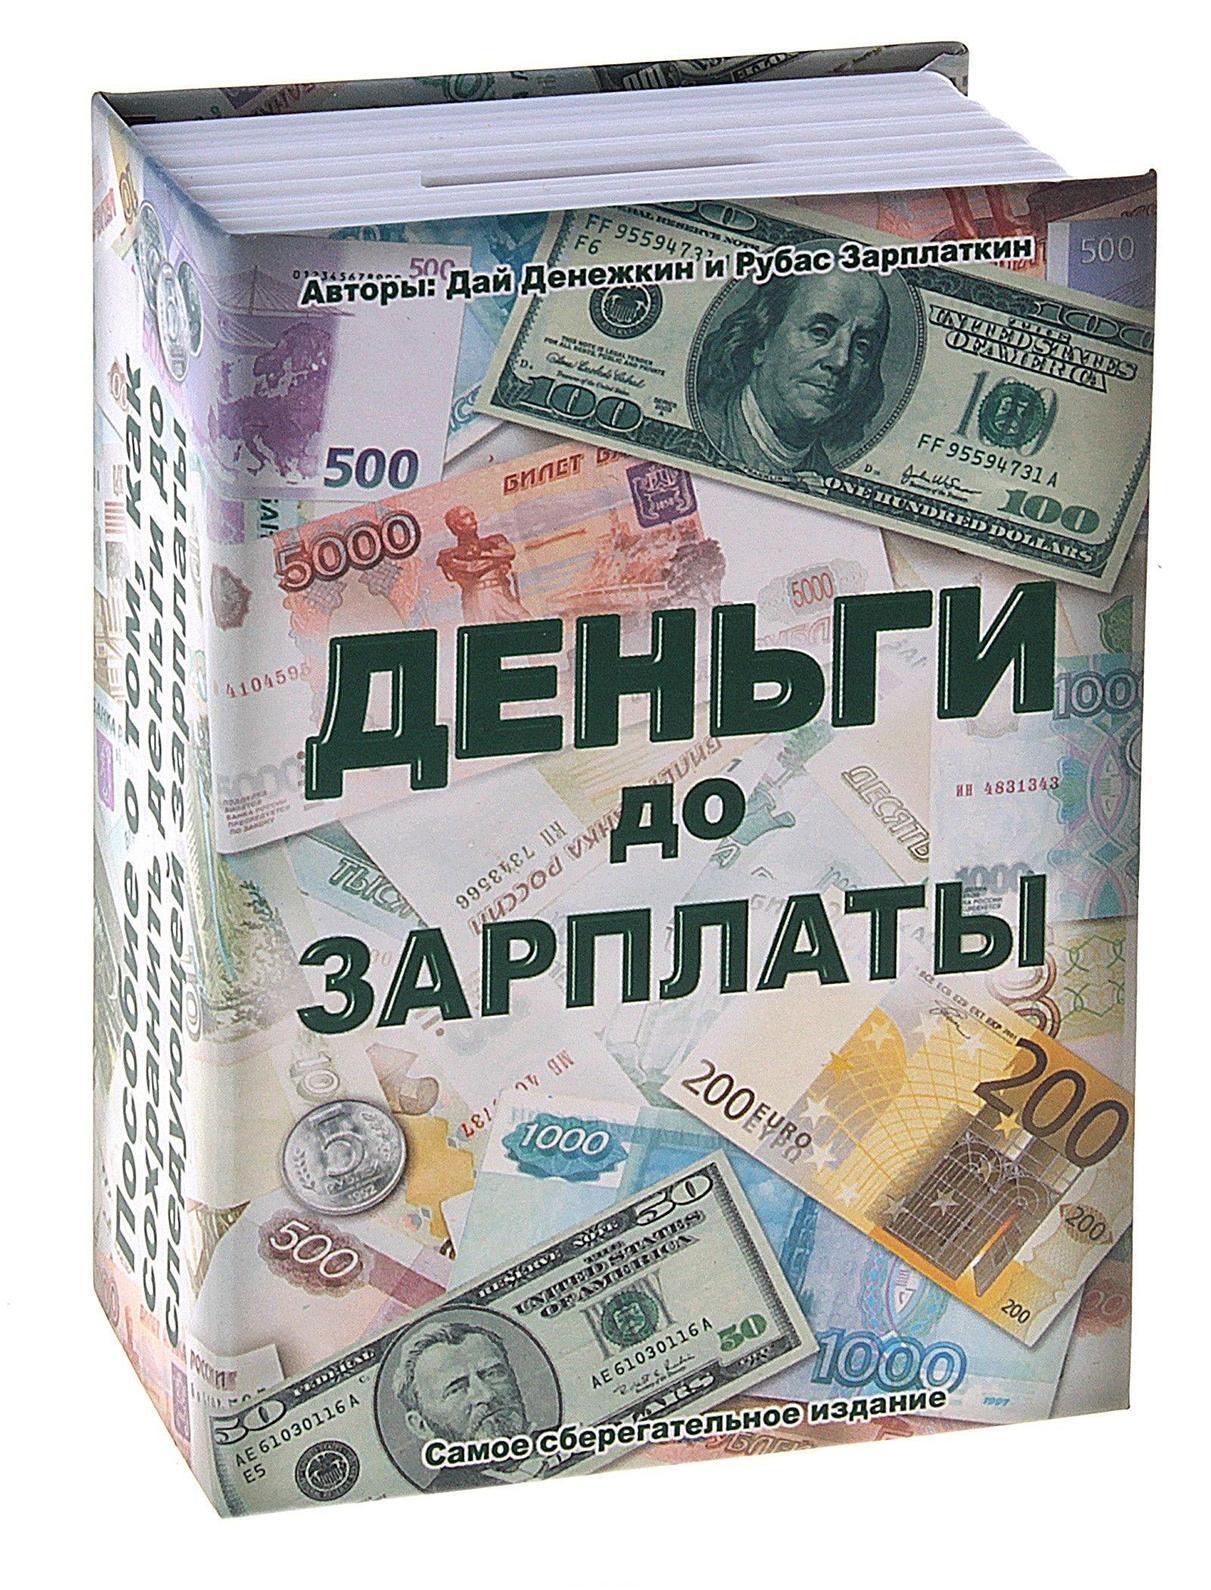 Сейф-копилка Деньги до зарплаты. 663735663735Сейф-копилка Деньги до зарплаты - отличный подарок, подчеркивающий яркую индивидуальность и амбициозные планы того, кому он предназначается. Изготовлена из металла и декорирована соответствующей надписью. Сейф оснащен замком и закрывается на ключ. Копилка - это оригинальный и нужный подарок на все случаи жизни. Характеристики: Материал: металл. Цвет: мульти. Размер копилки: 8 см х 12 см х 4,5 см. Размер упаковки: 8,5 см х 12,2 см х 4,6 см. Производитель: Китай. Артикул: 663735.